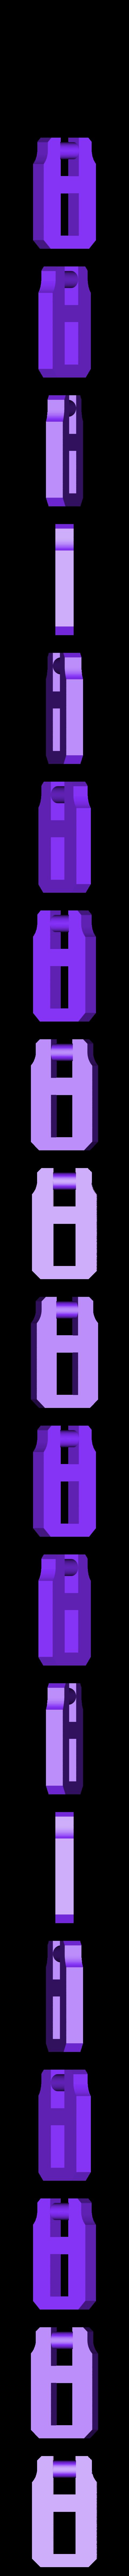 clip1.stl Télécharger fichier STL gratuit Moraillon de style classique pour boîtes modèle 2 • Modèle à imprimer en 3D, raffosan